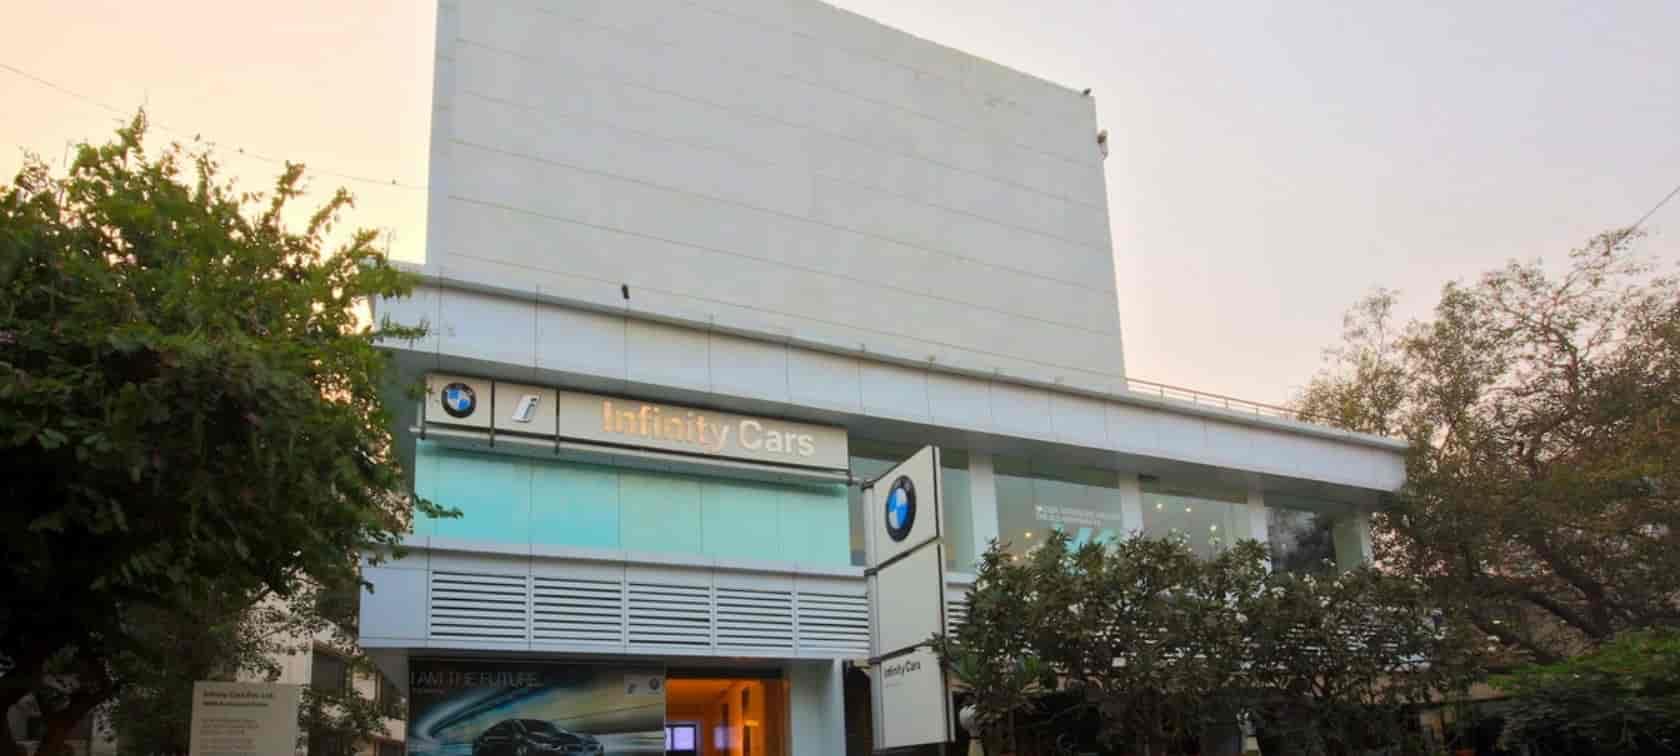 Infinity Cars Pvt Ltd, Nerul - Car Dealers in Navi Mumbai